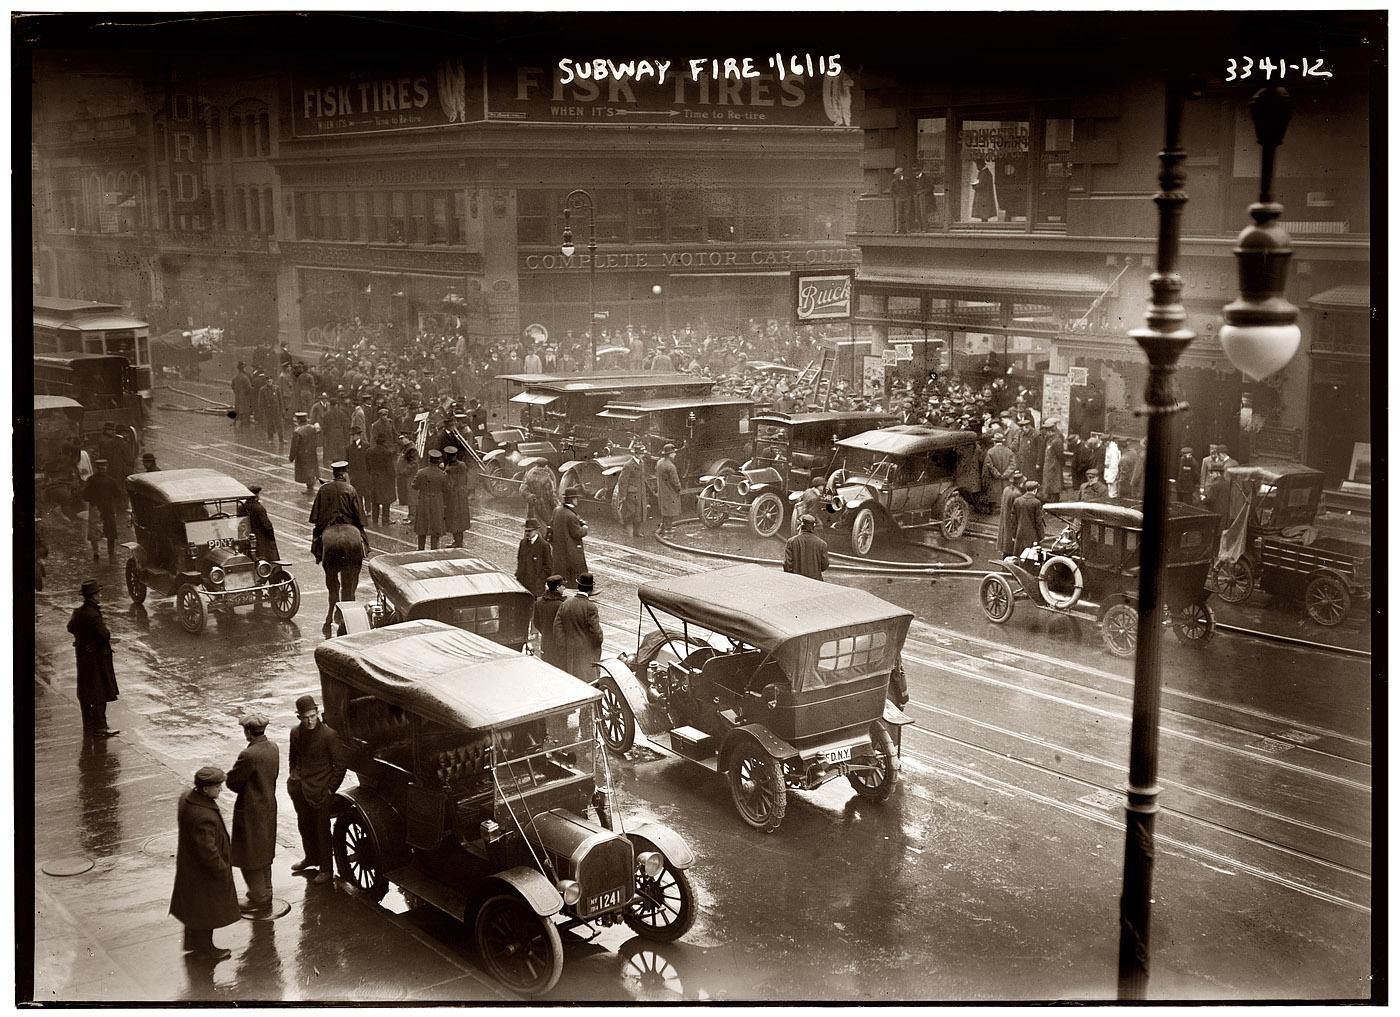 SubwayFireNYC1915